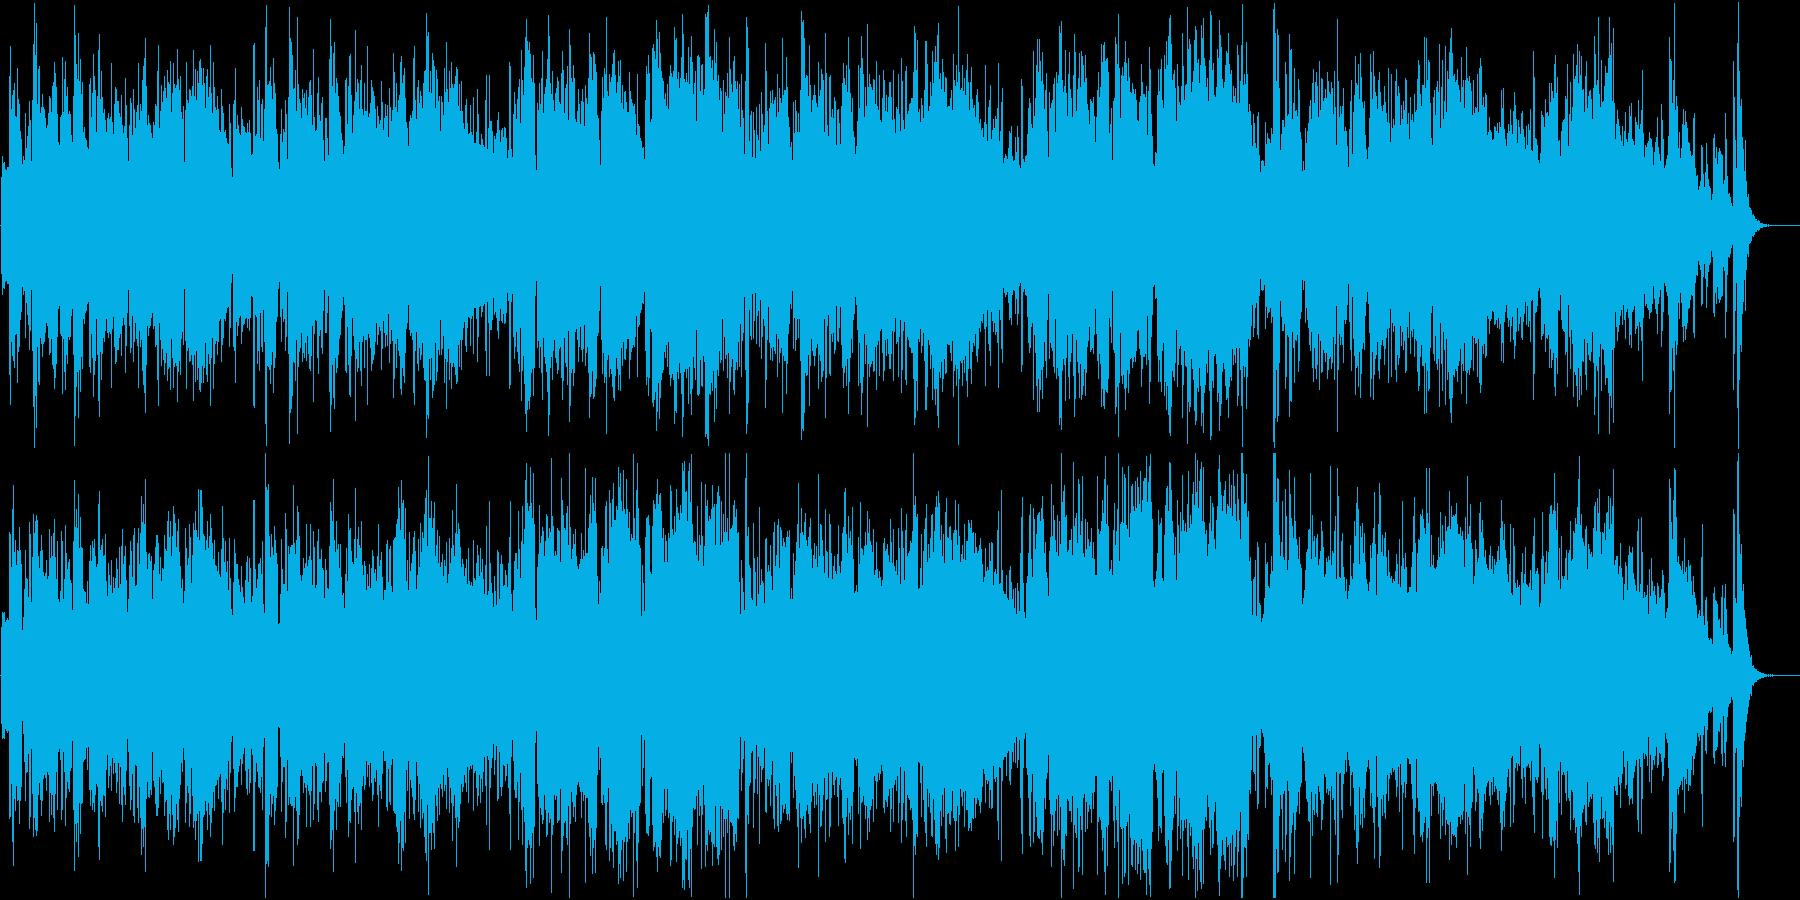 オープニング・出発・感動系オーケストラの再生済みの波形